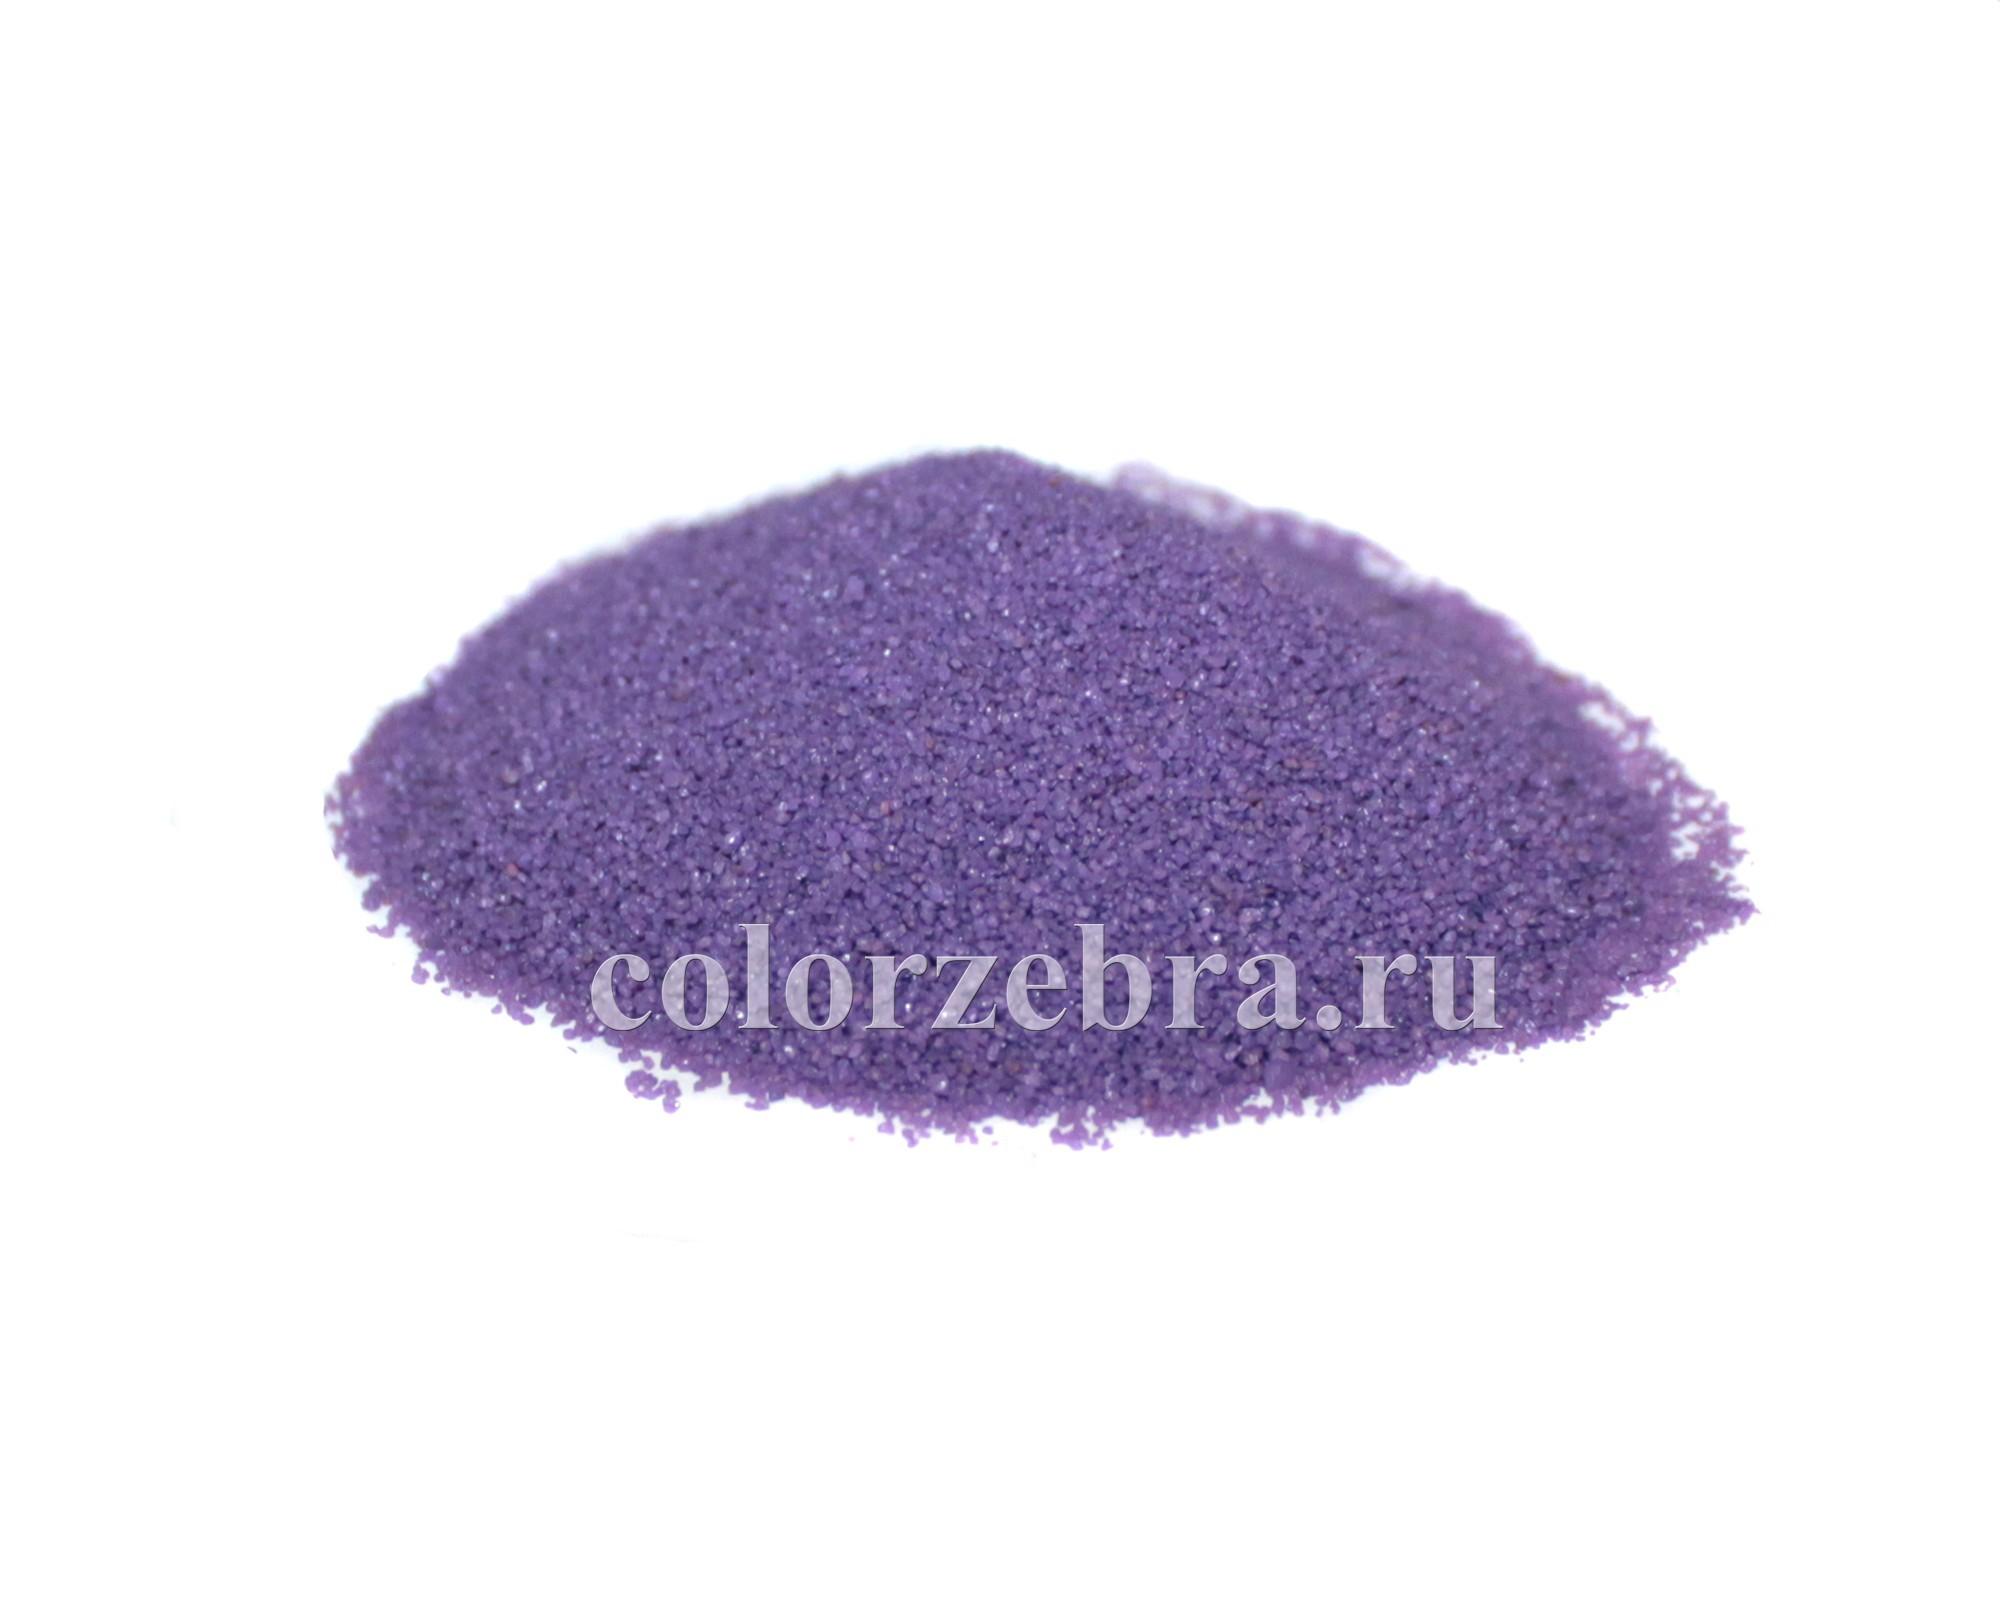 Сиреневый цветной песок